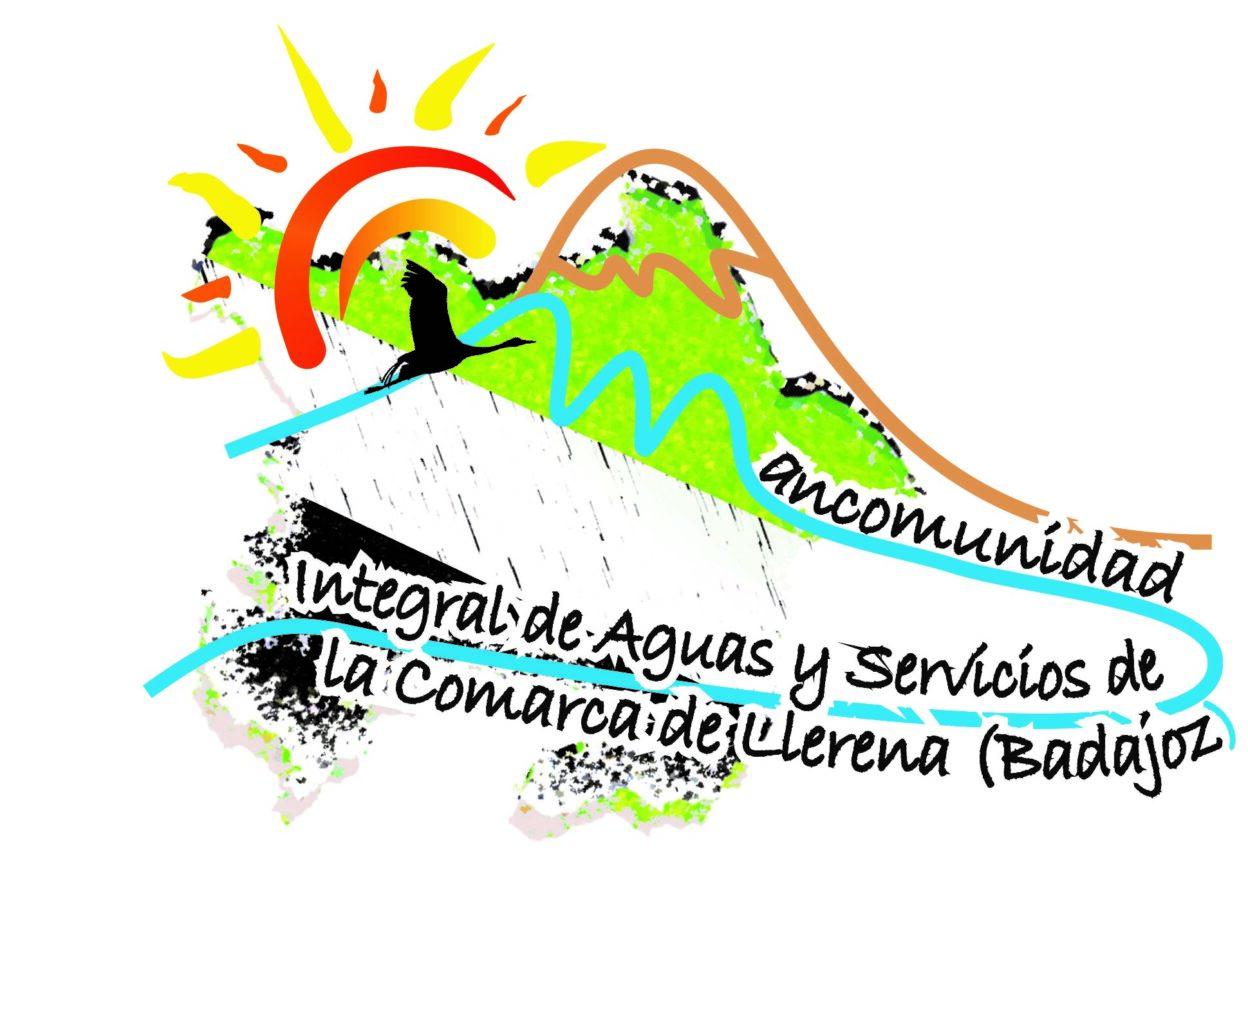 Noticias-de-interes-recopiladas-por-la-Oficina-de-Informacion-al-Consumidor-de-la-Mancomunidad-de-Llerena